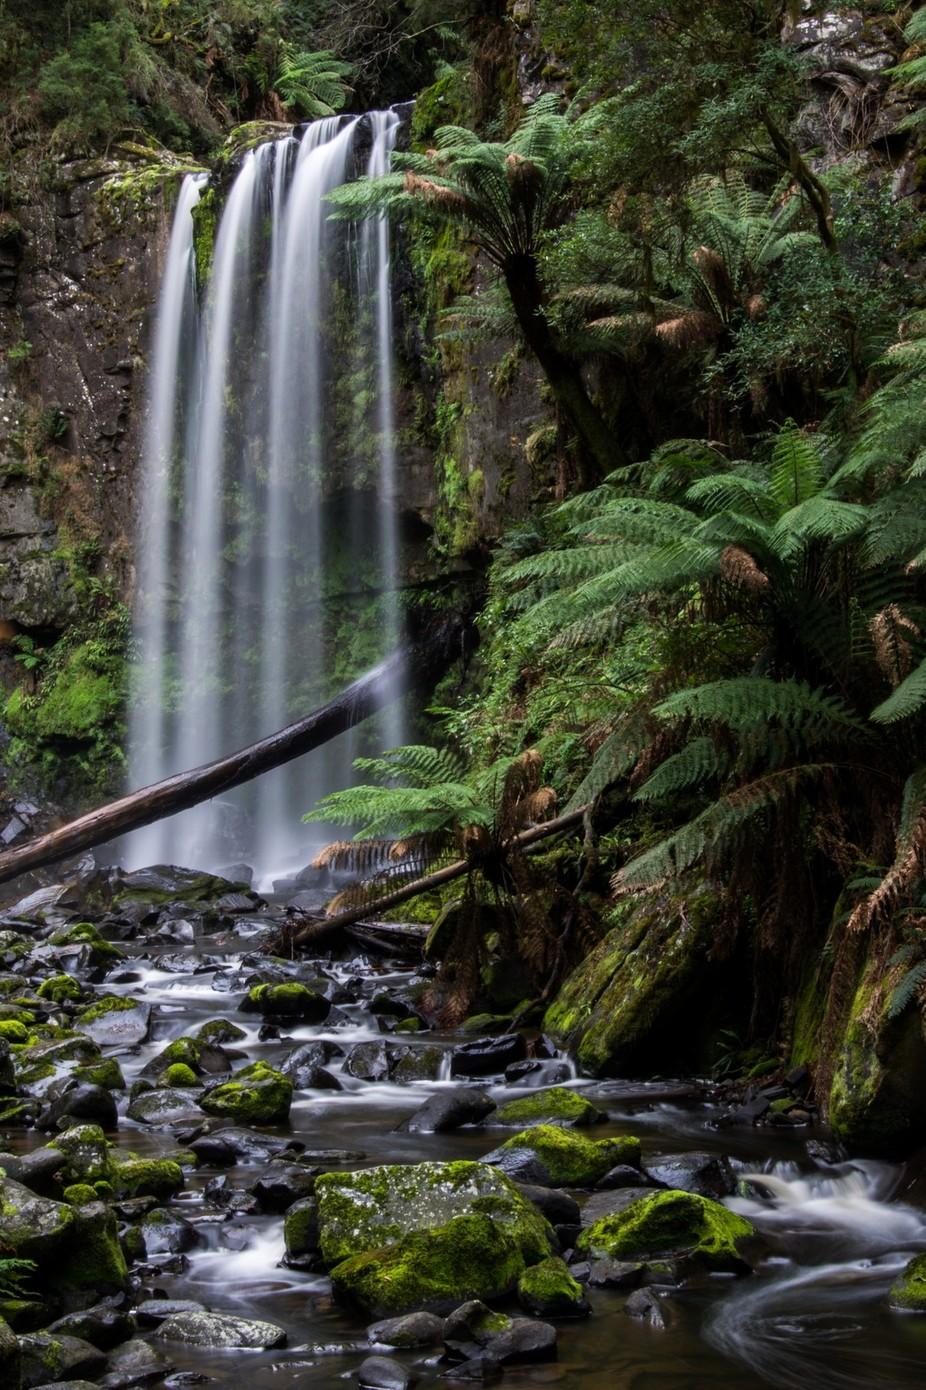 Hopetoun Falls by stormgirl1960 - Beautiful Waterfalls Photo Contest